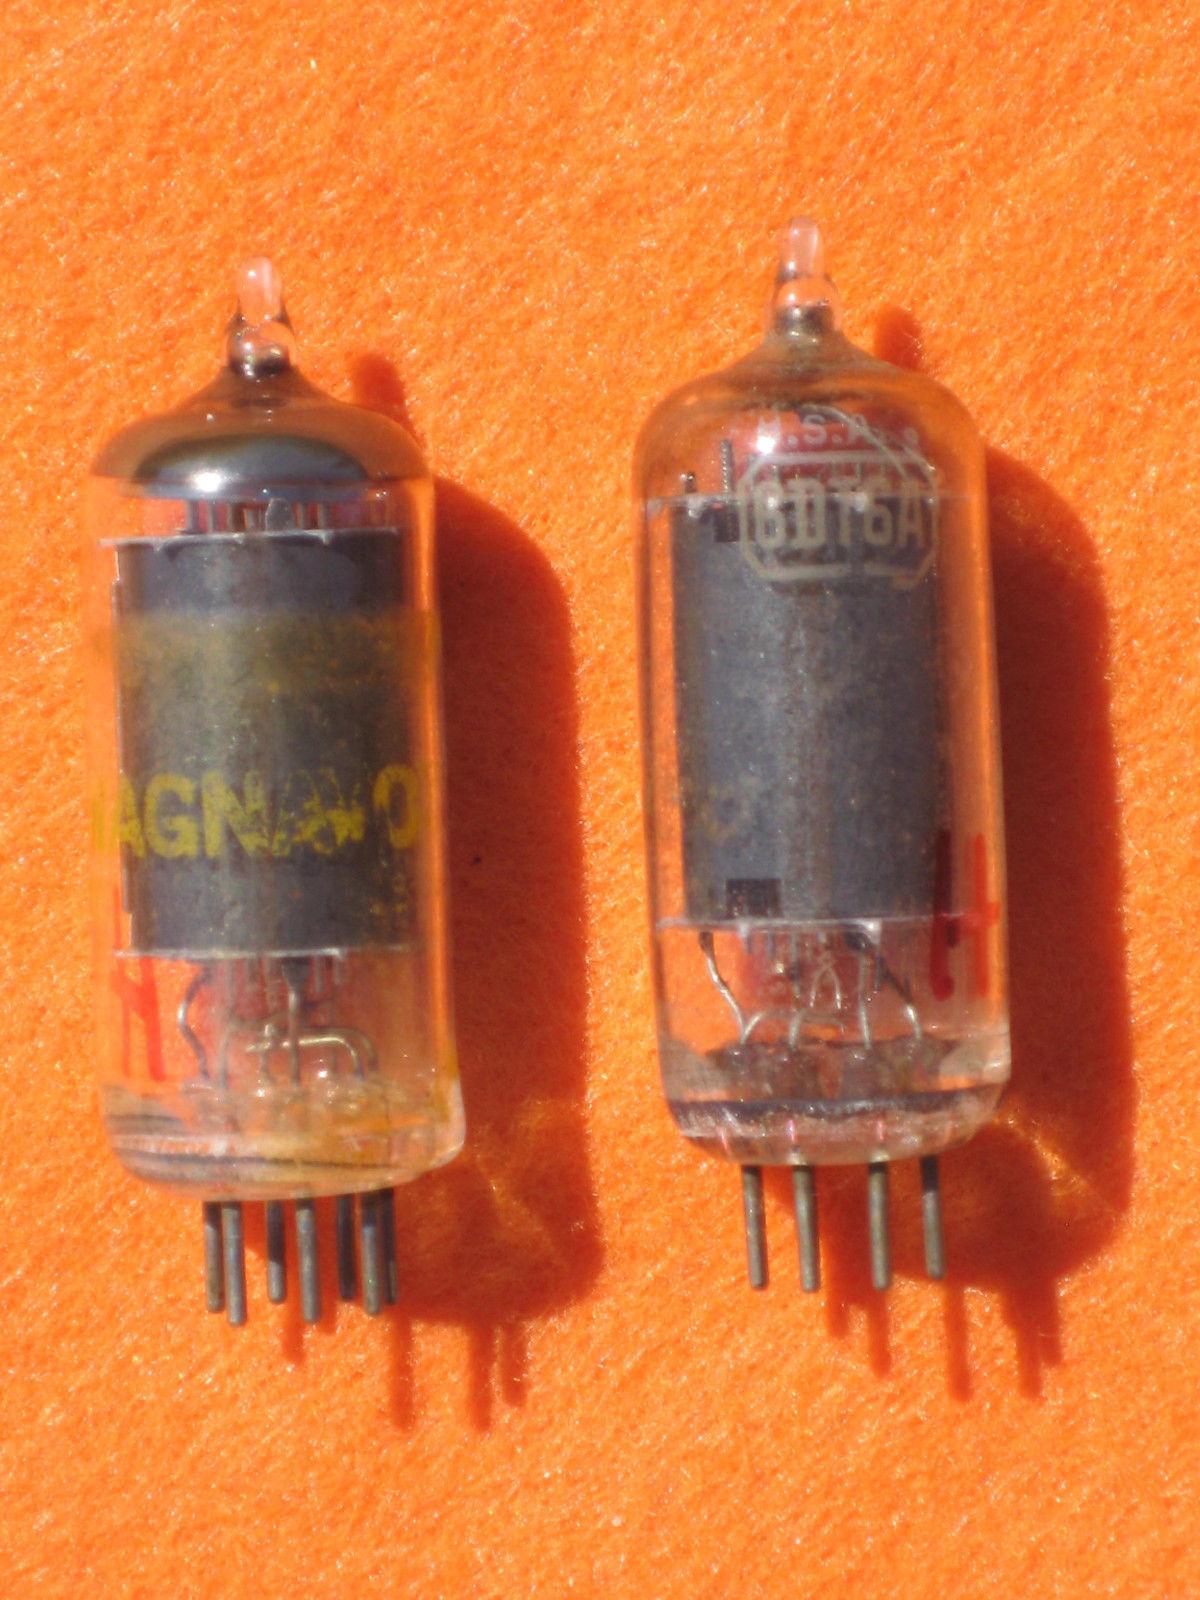 Vintage Radio Vacuum Tube (one): 6DT6A - Tested Good